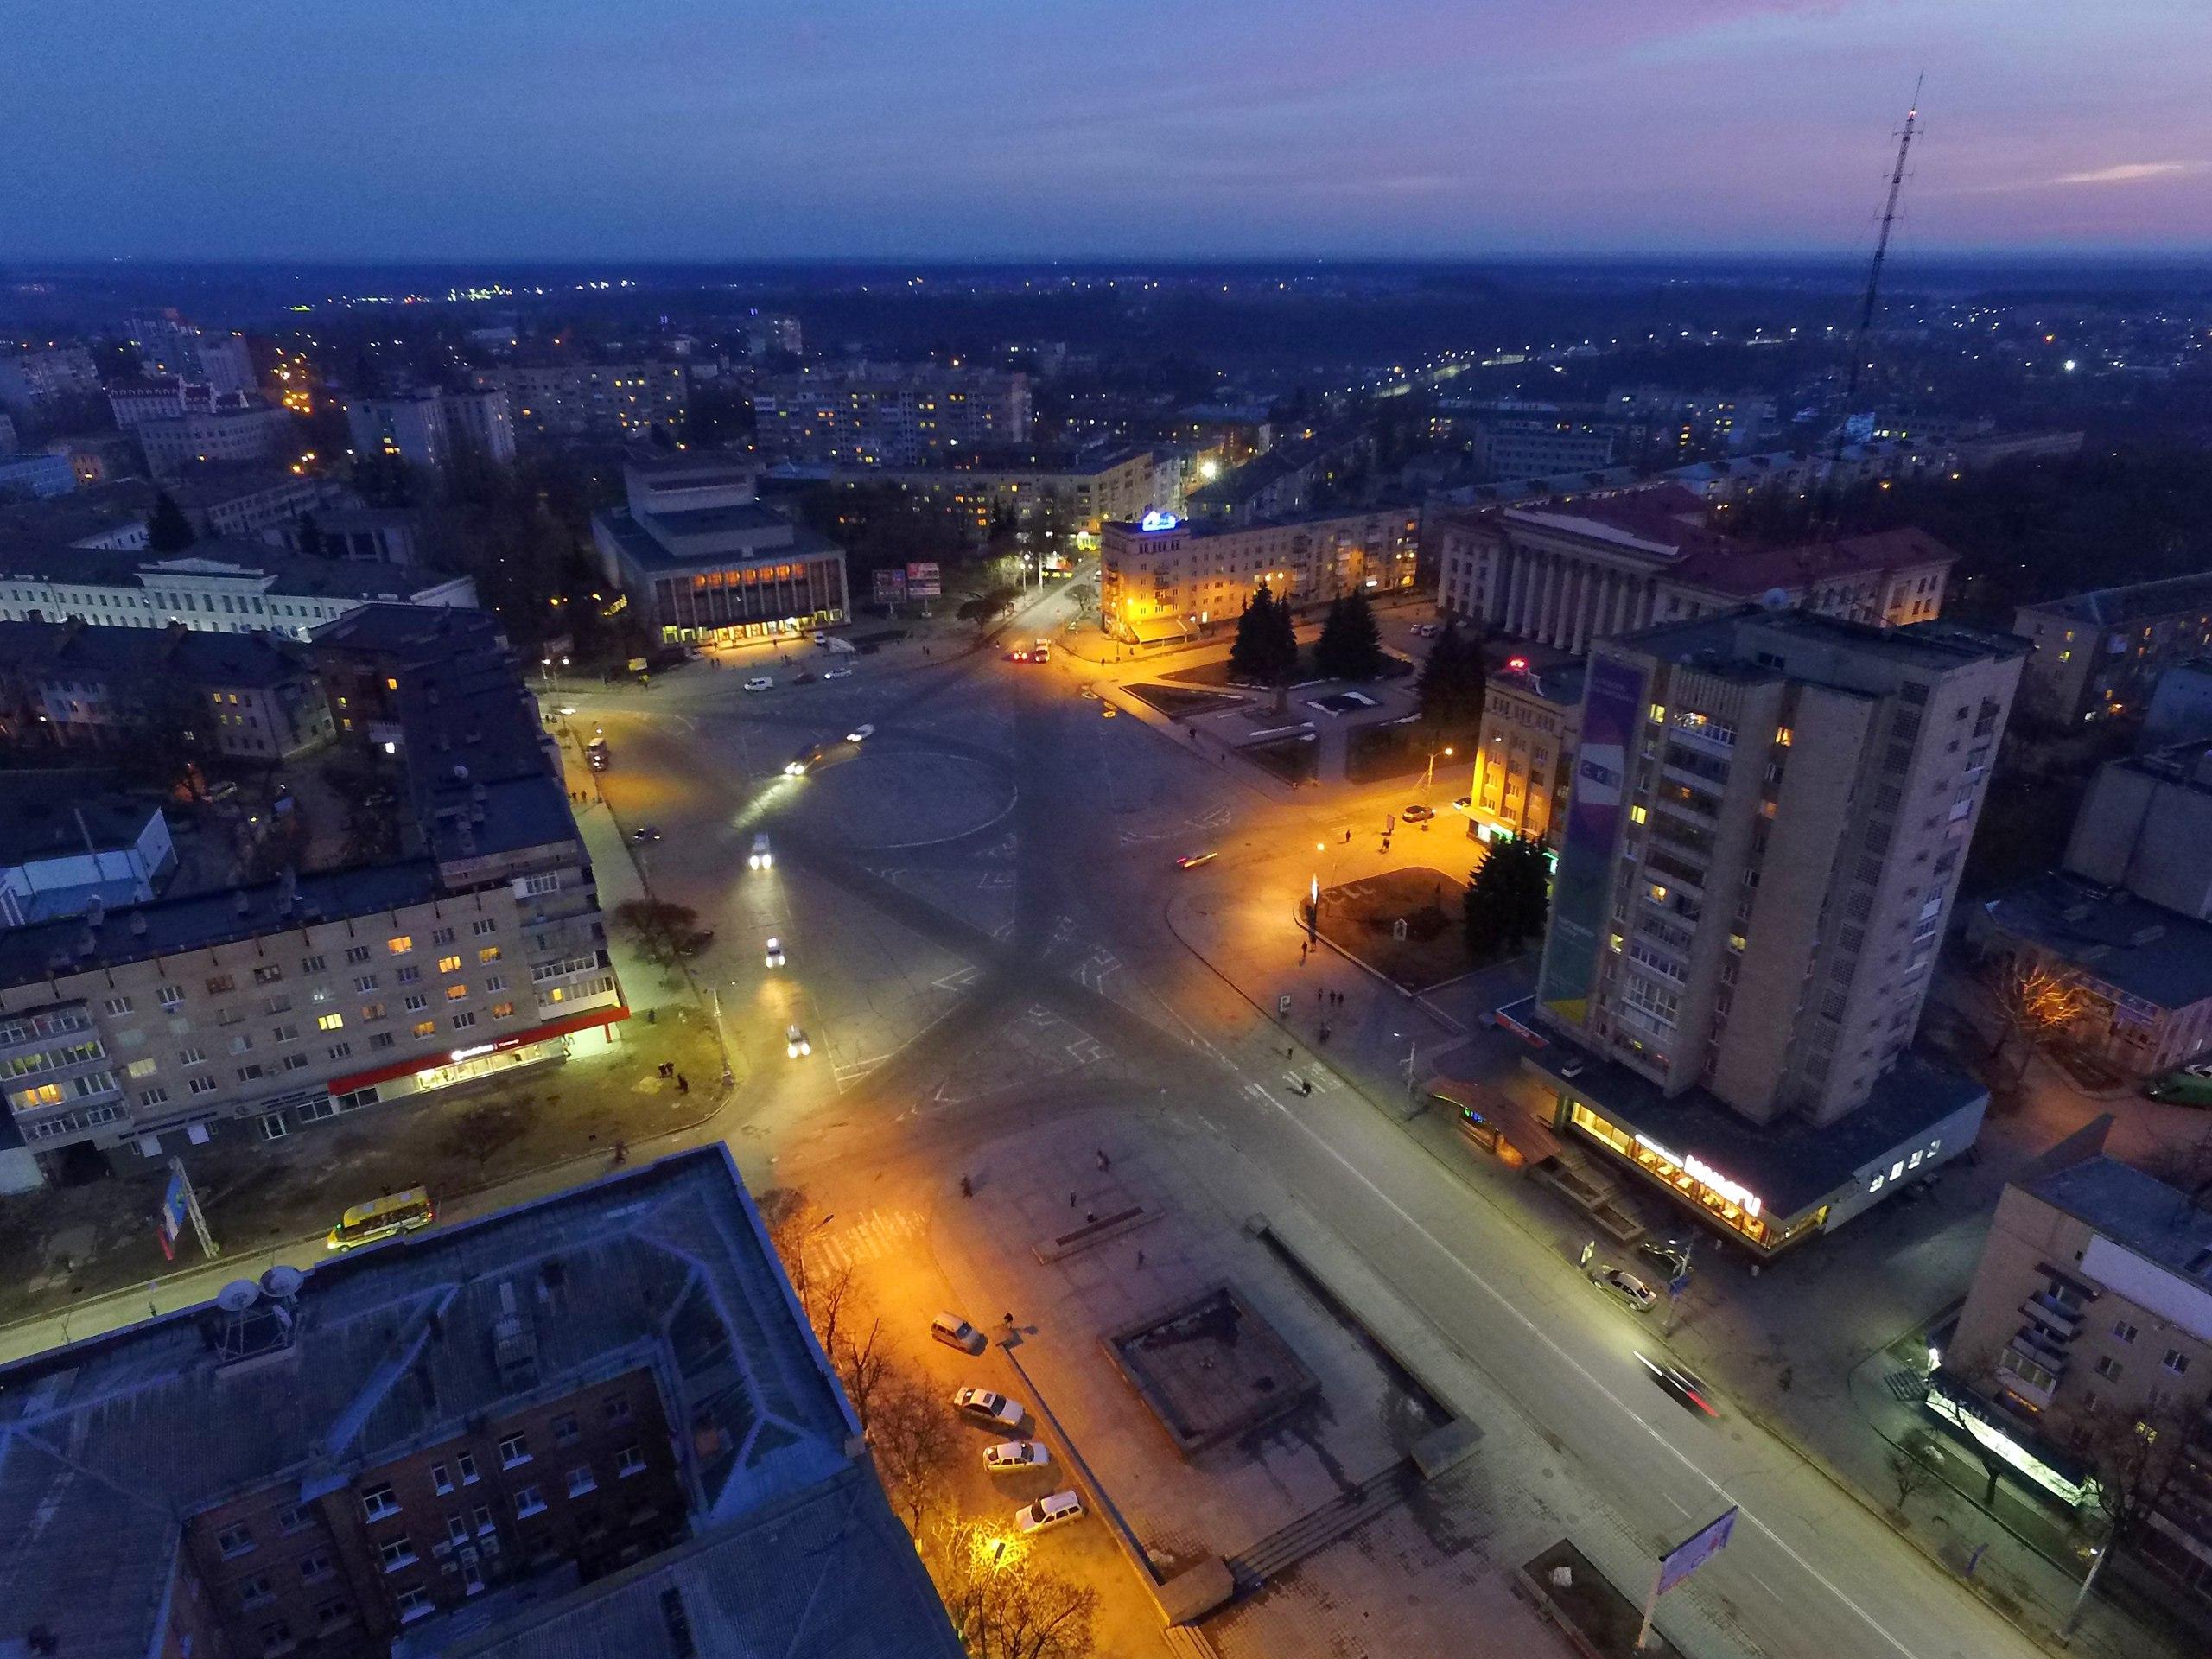 Ночной Житомир. Потрясающие фотографии с высоты